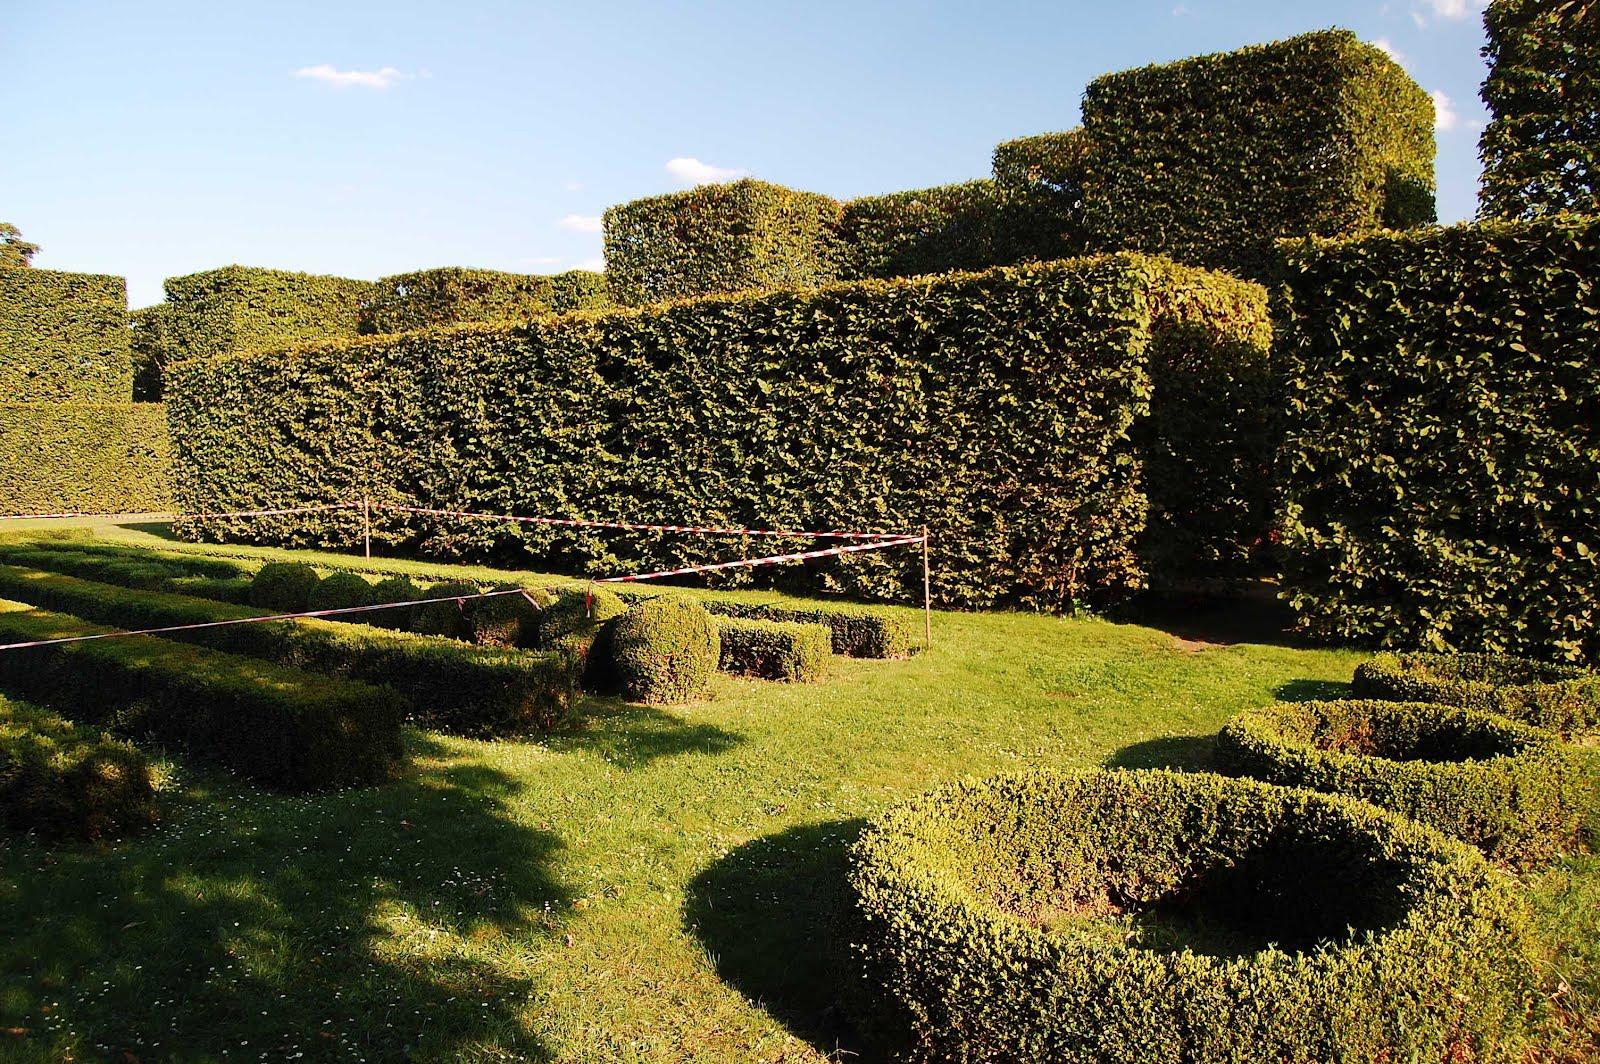 W-wa Jeziorki: Topiary garden by the Vistula